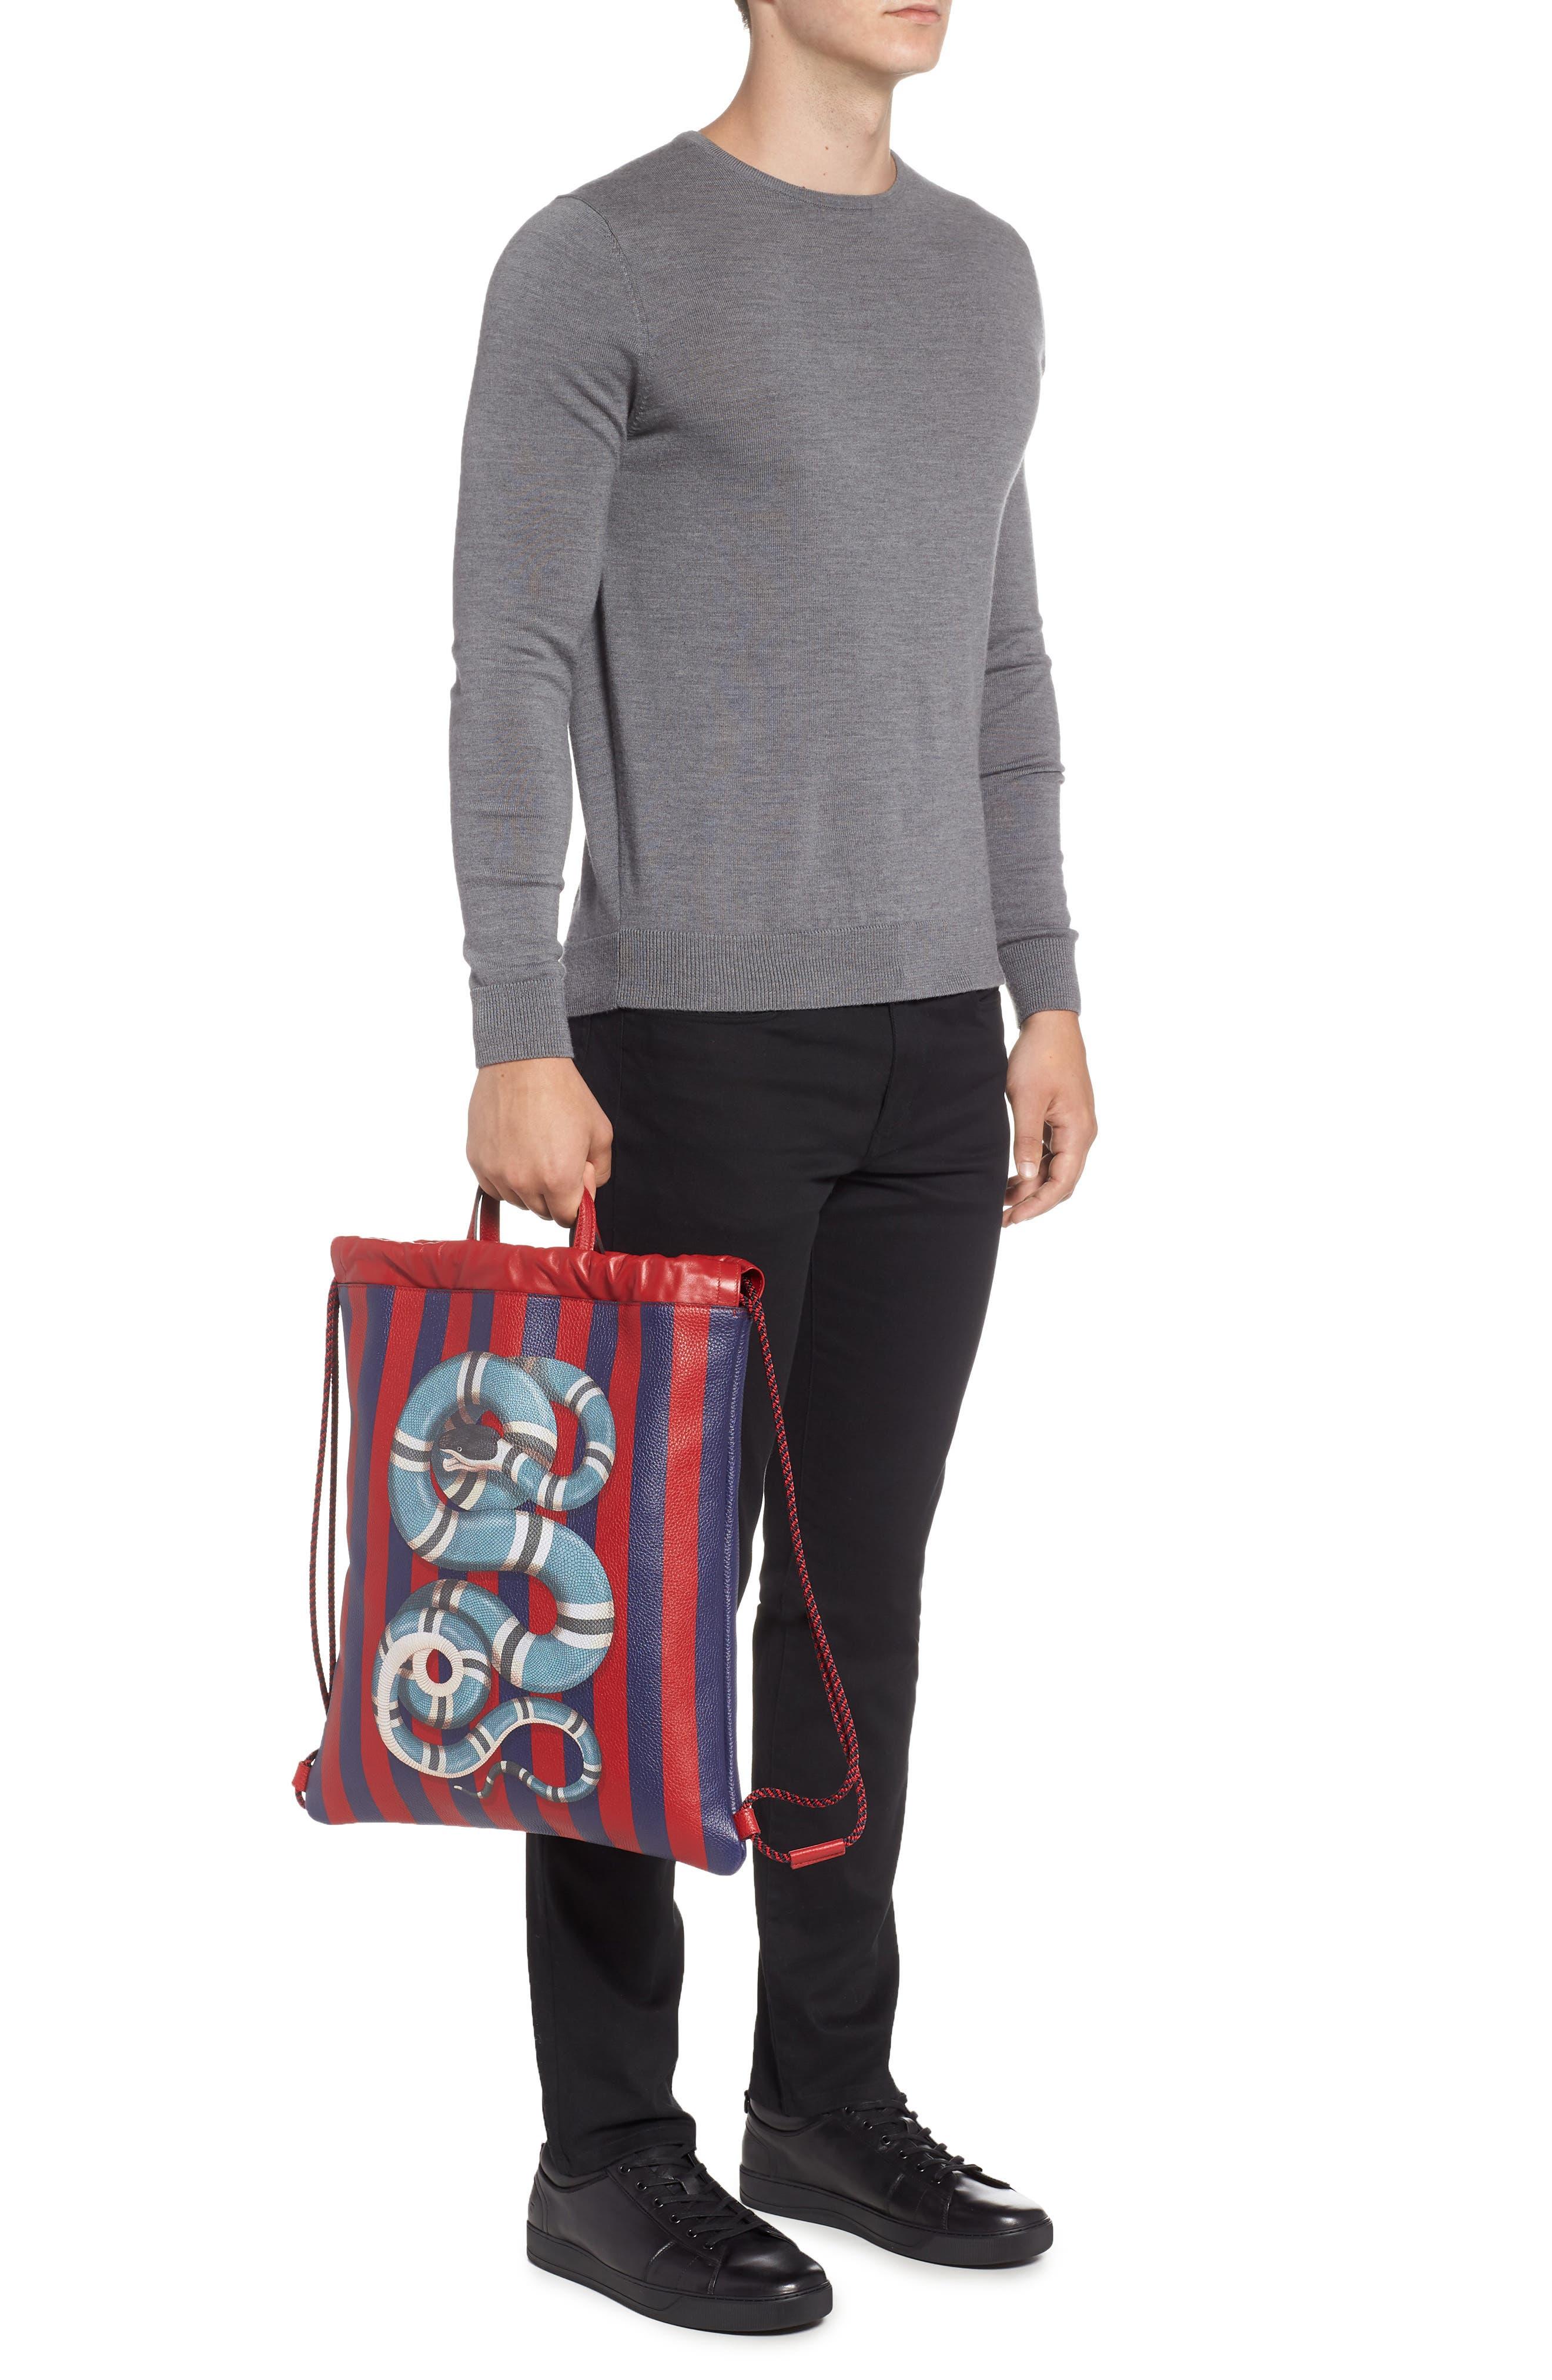 Kingsnake Stripe Leather Drawstring Backpack,                             Alternate thumbnail 2, color,                             RED